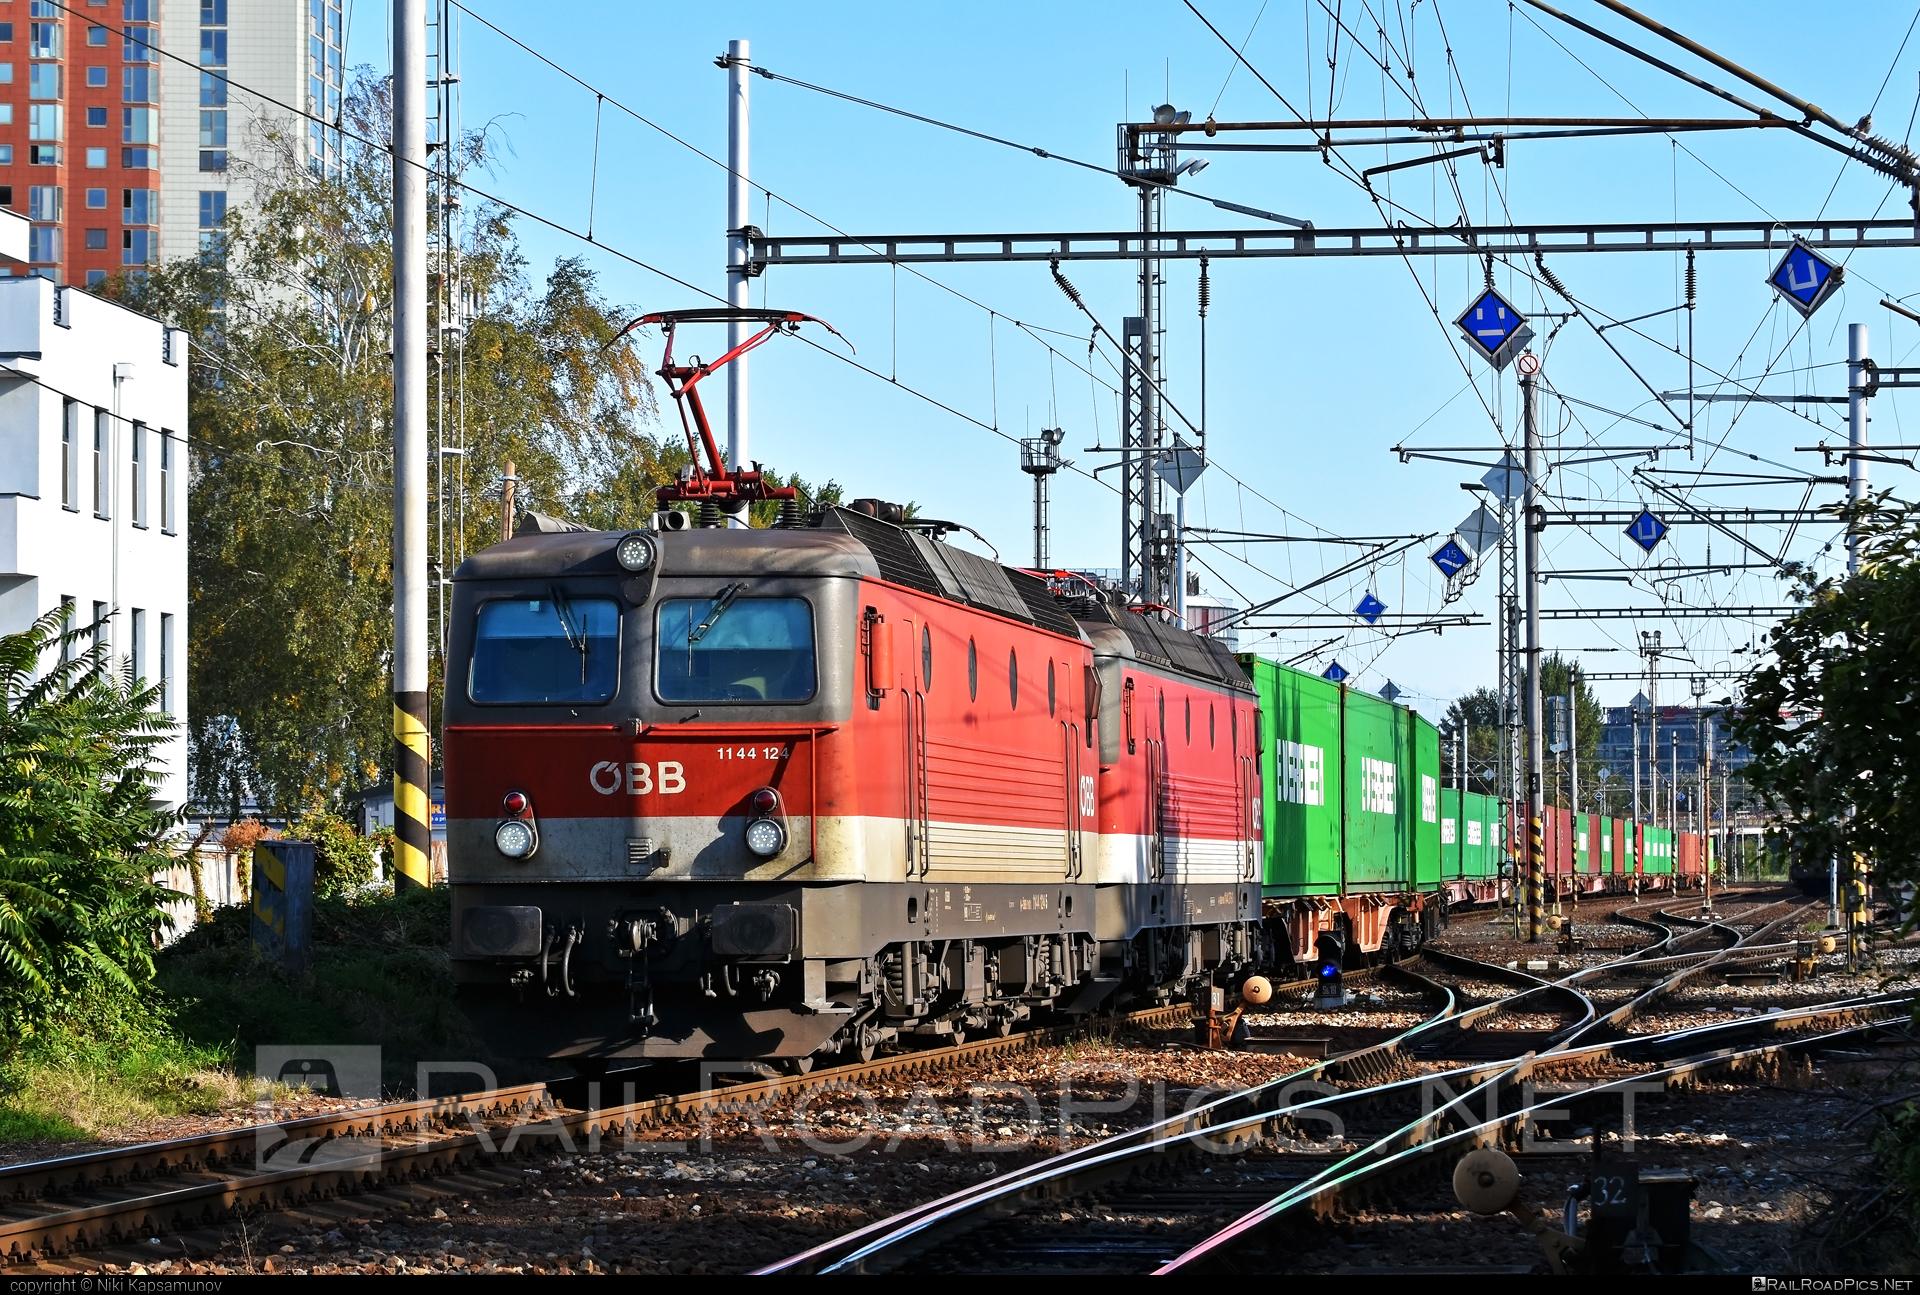 SGP ÖBB Class 1144 - 1144 124 operated by Rail Cargo Austria AG #flatwagon #obb #obbclass1144 #osterreichischebundesbahnen #sgp #sgp1144 #simmeringgrazpauker